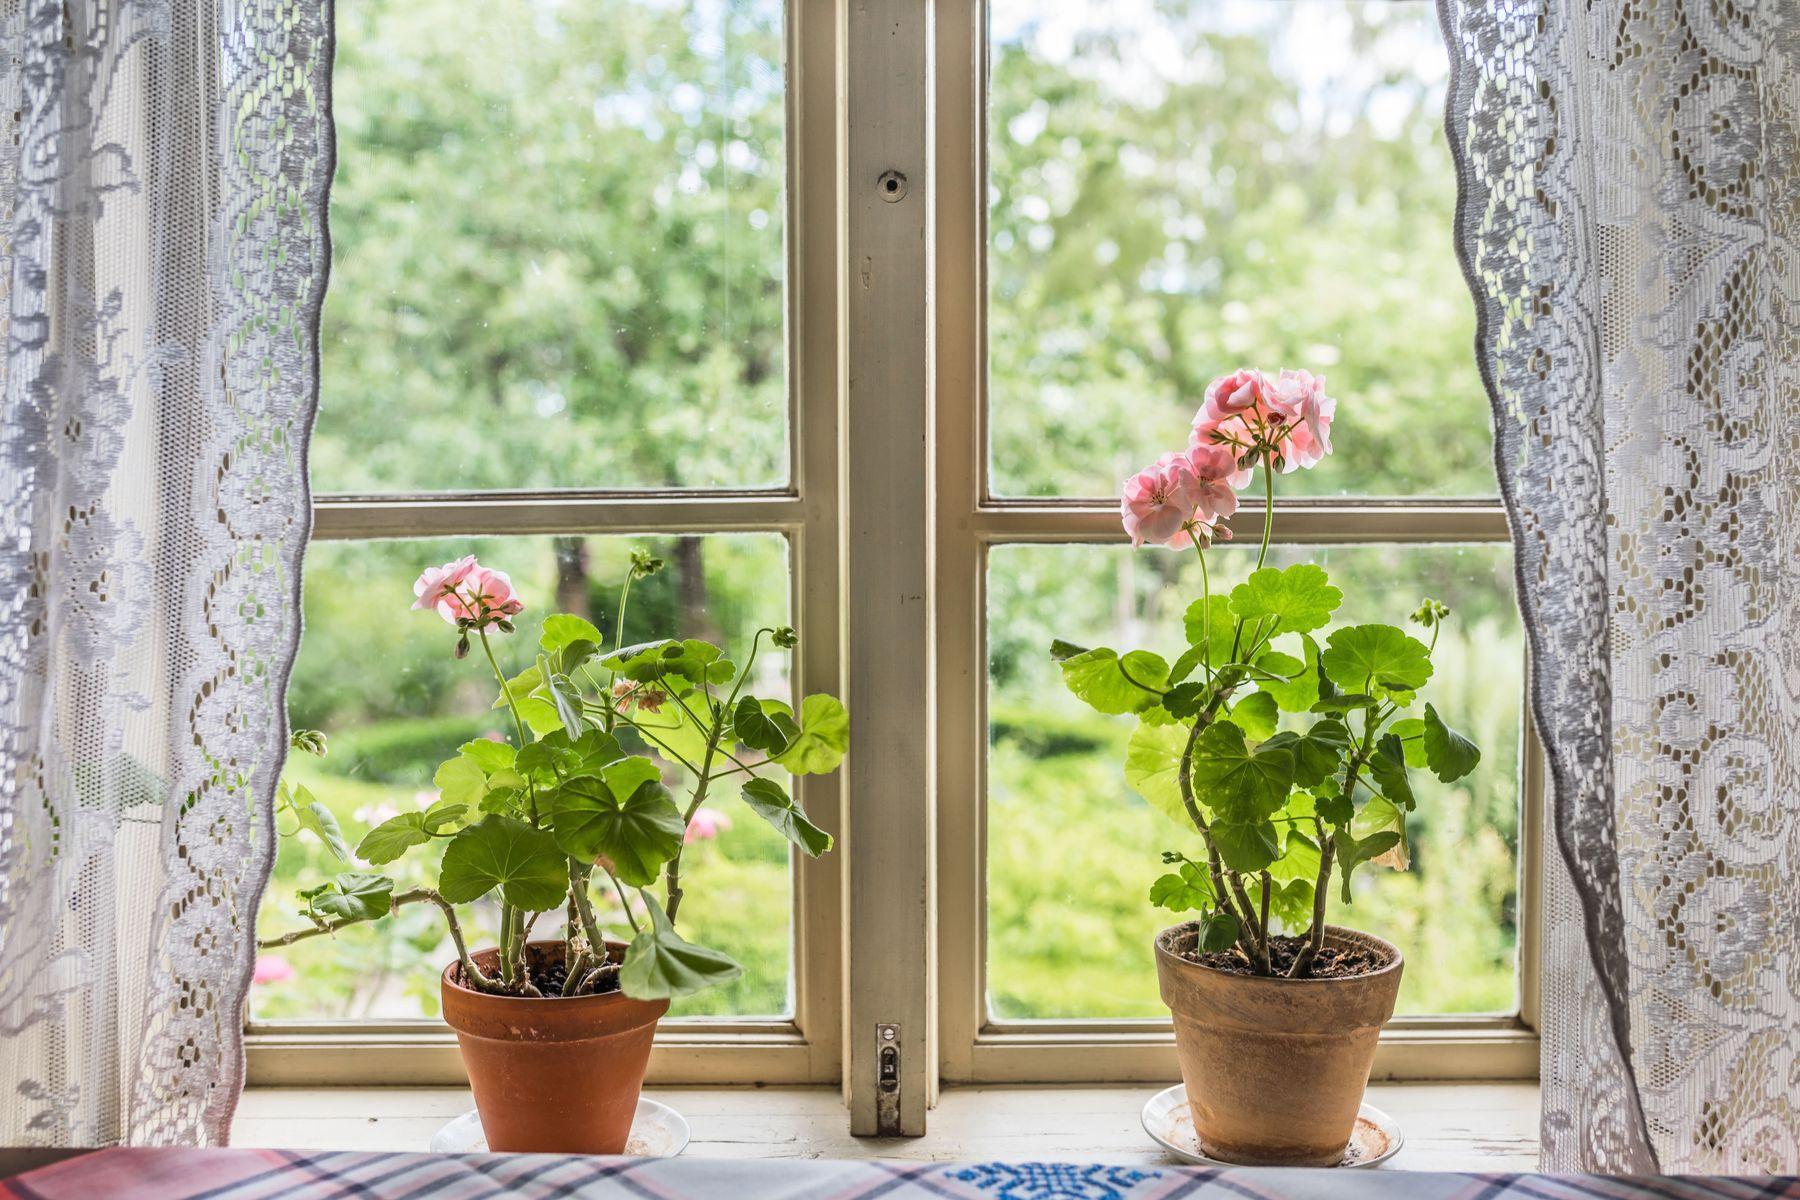 dois vasos de plantas em parapeito de janela de vidro com fundo para jardim e com cortina de renda